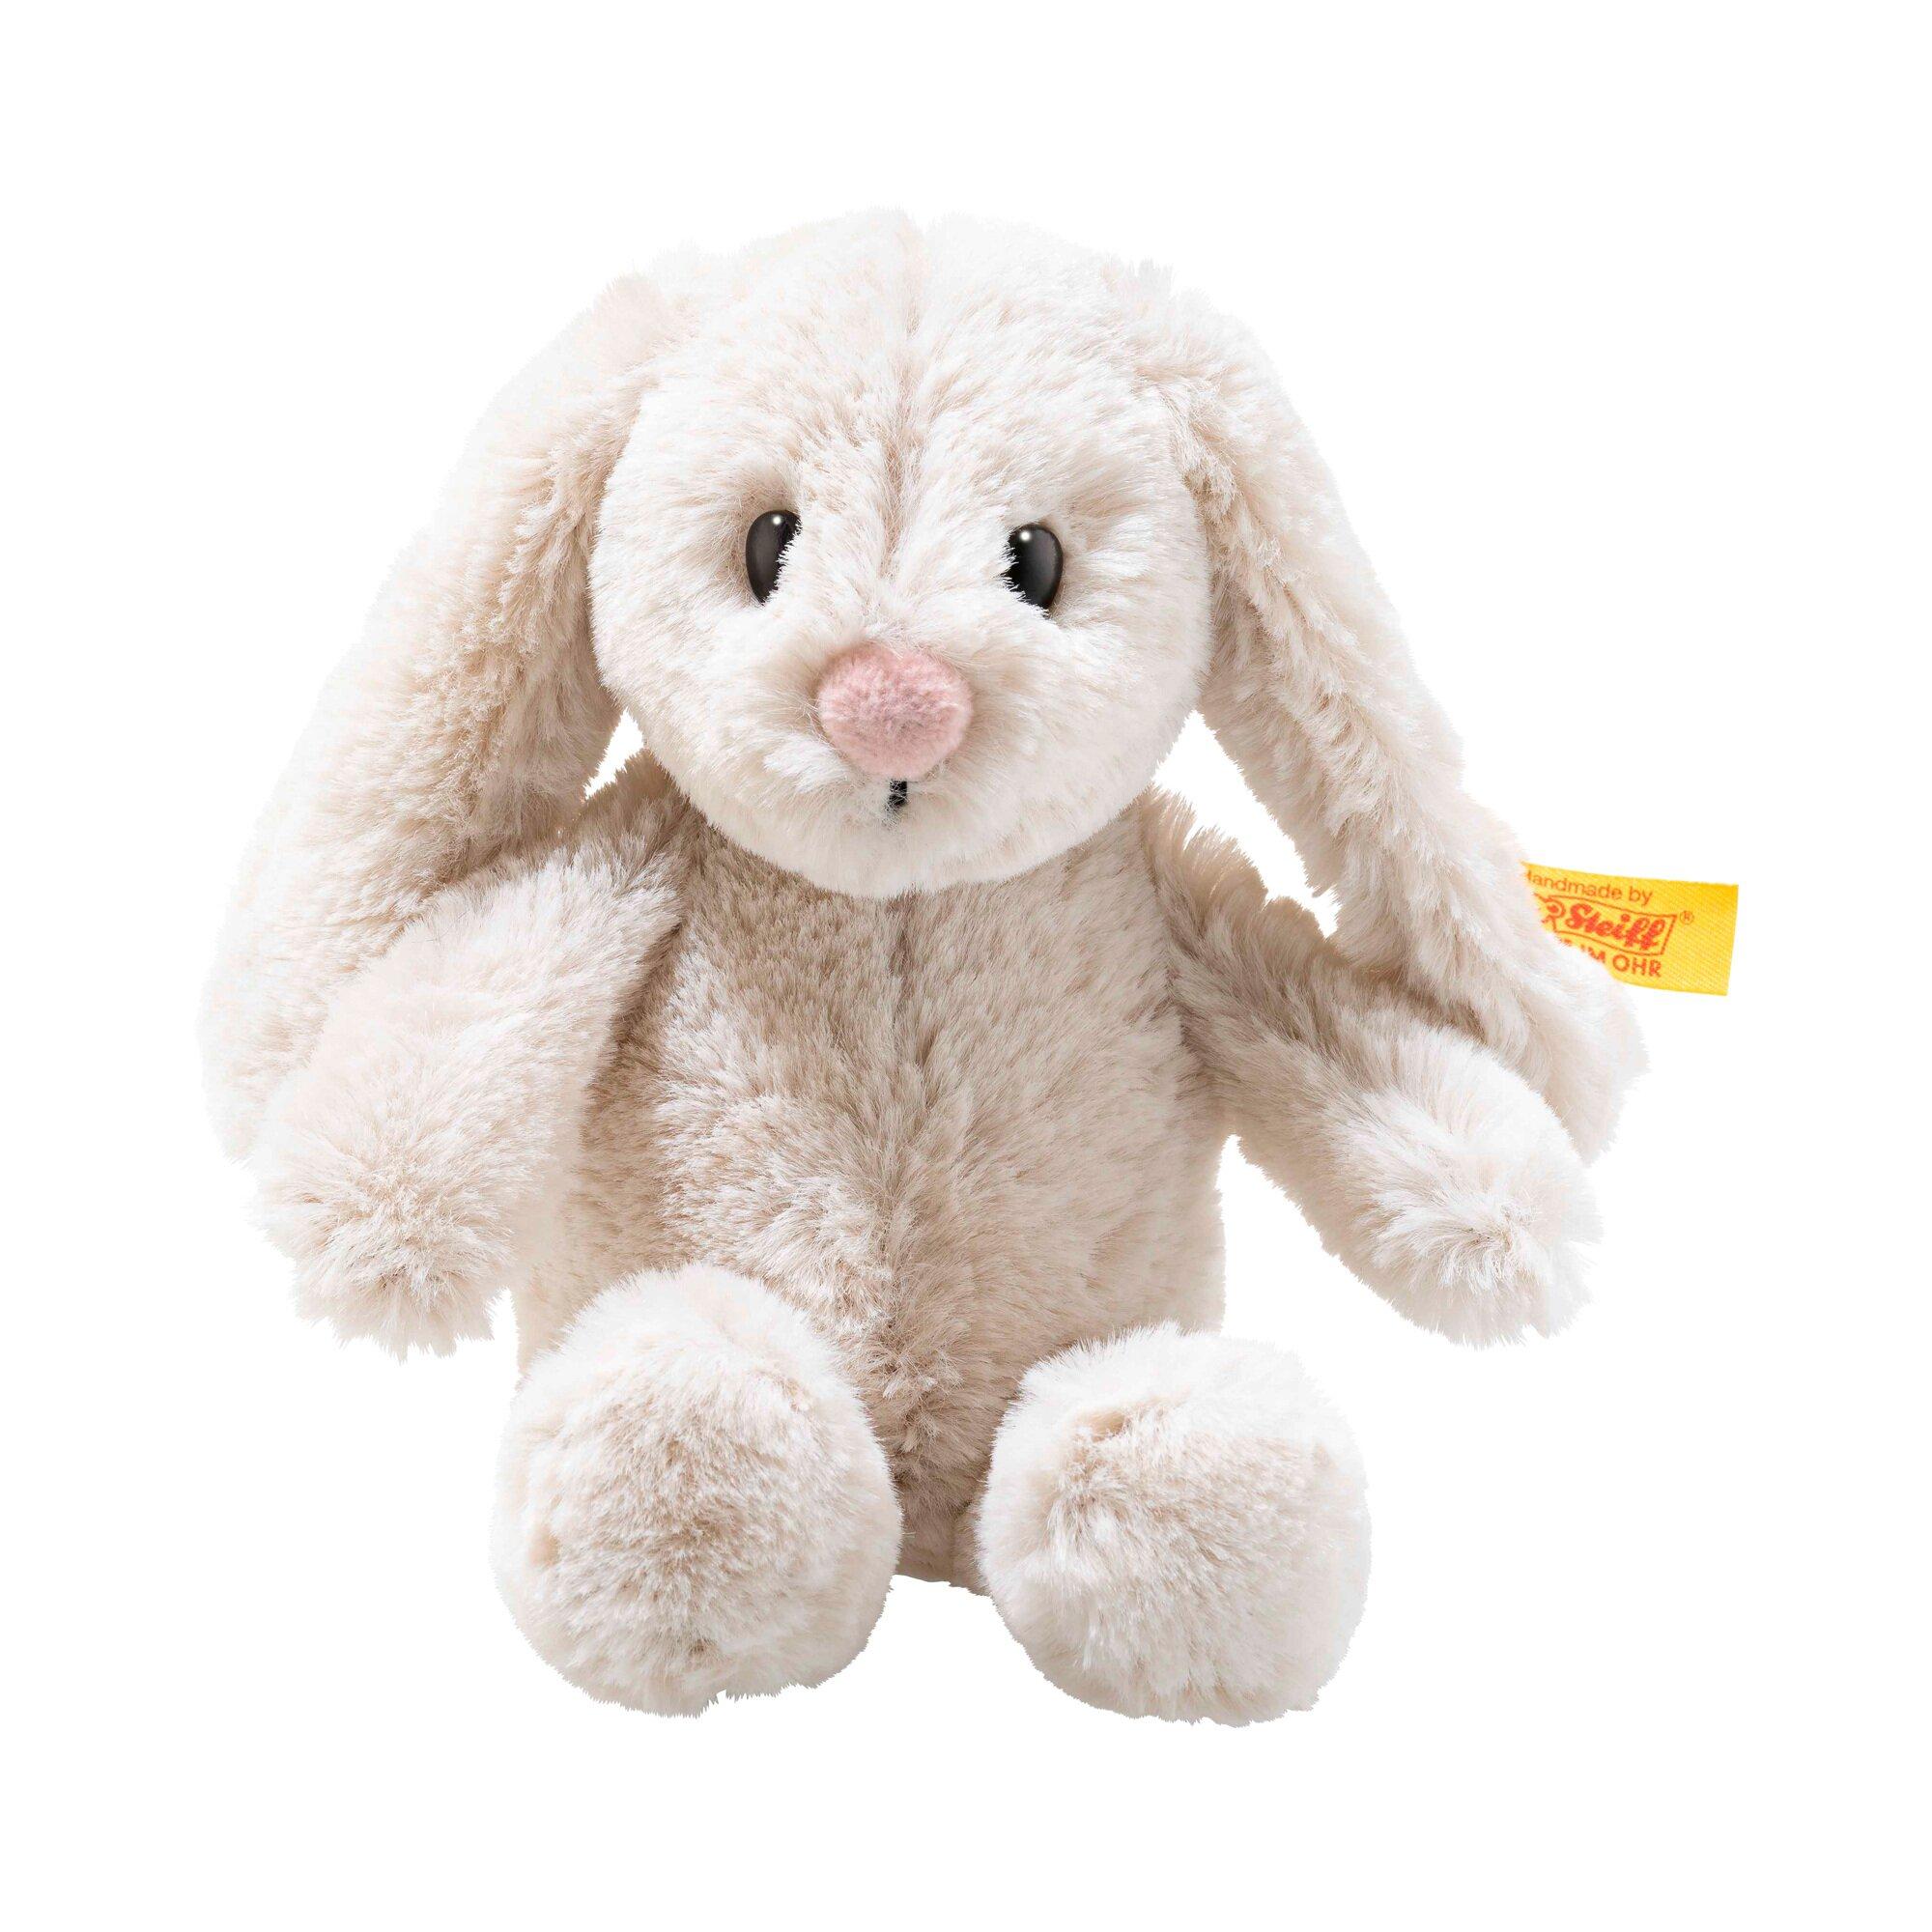 Steiff Kuscheltier Hoppie Hase Soft Cuddly Friends 16cm